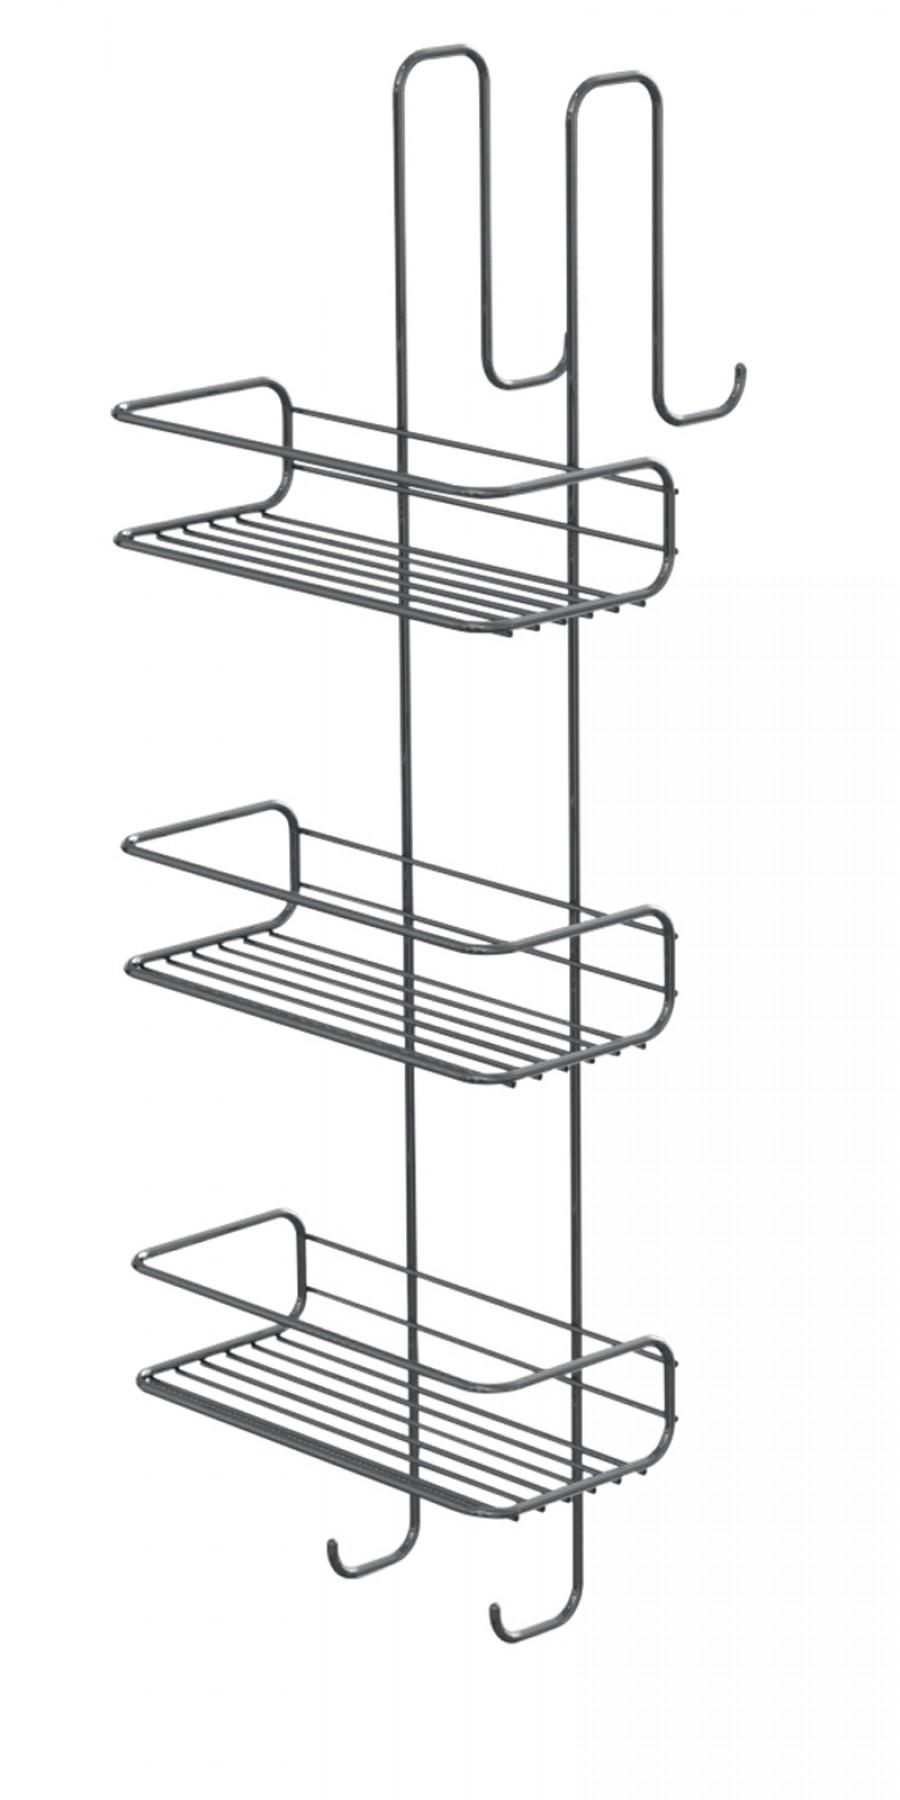 Porte-objets filaire TITO 3 bacs rectangulaires - Chromé